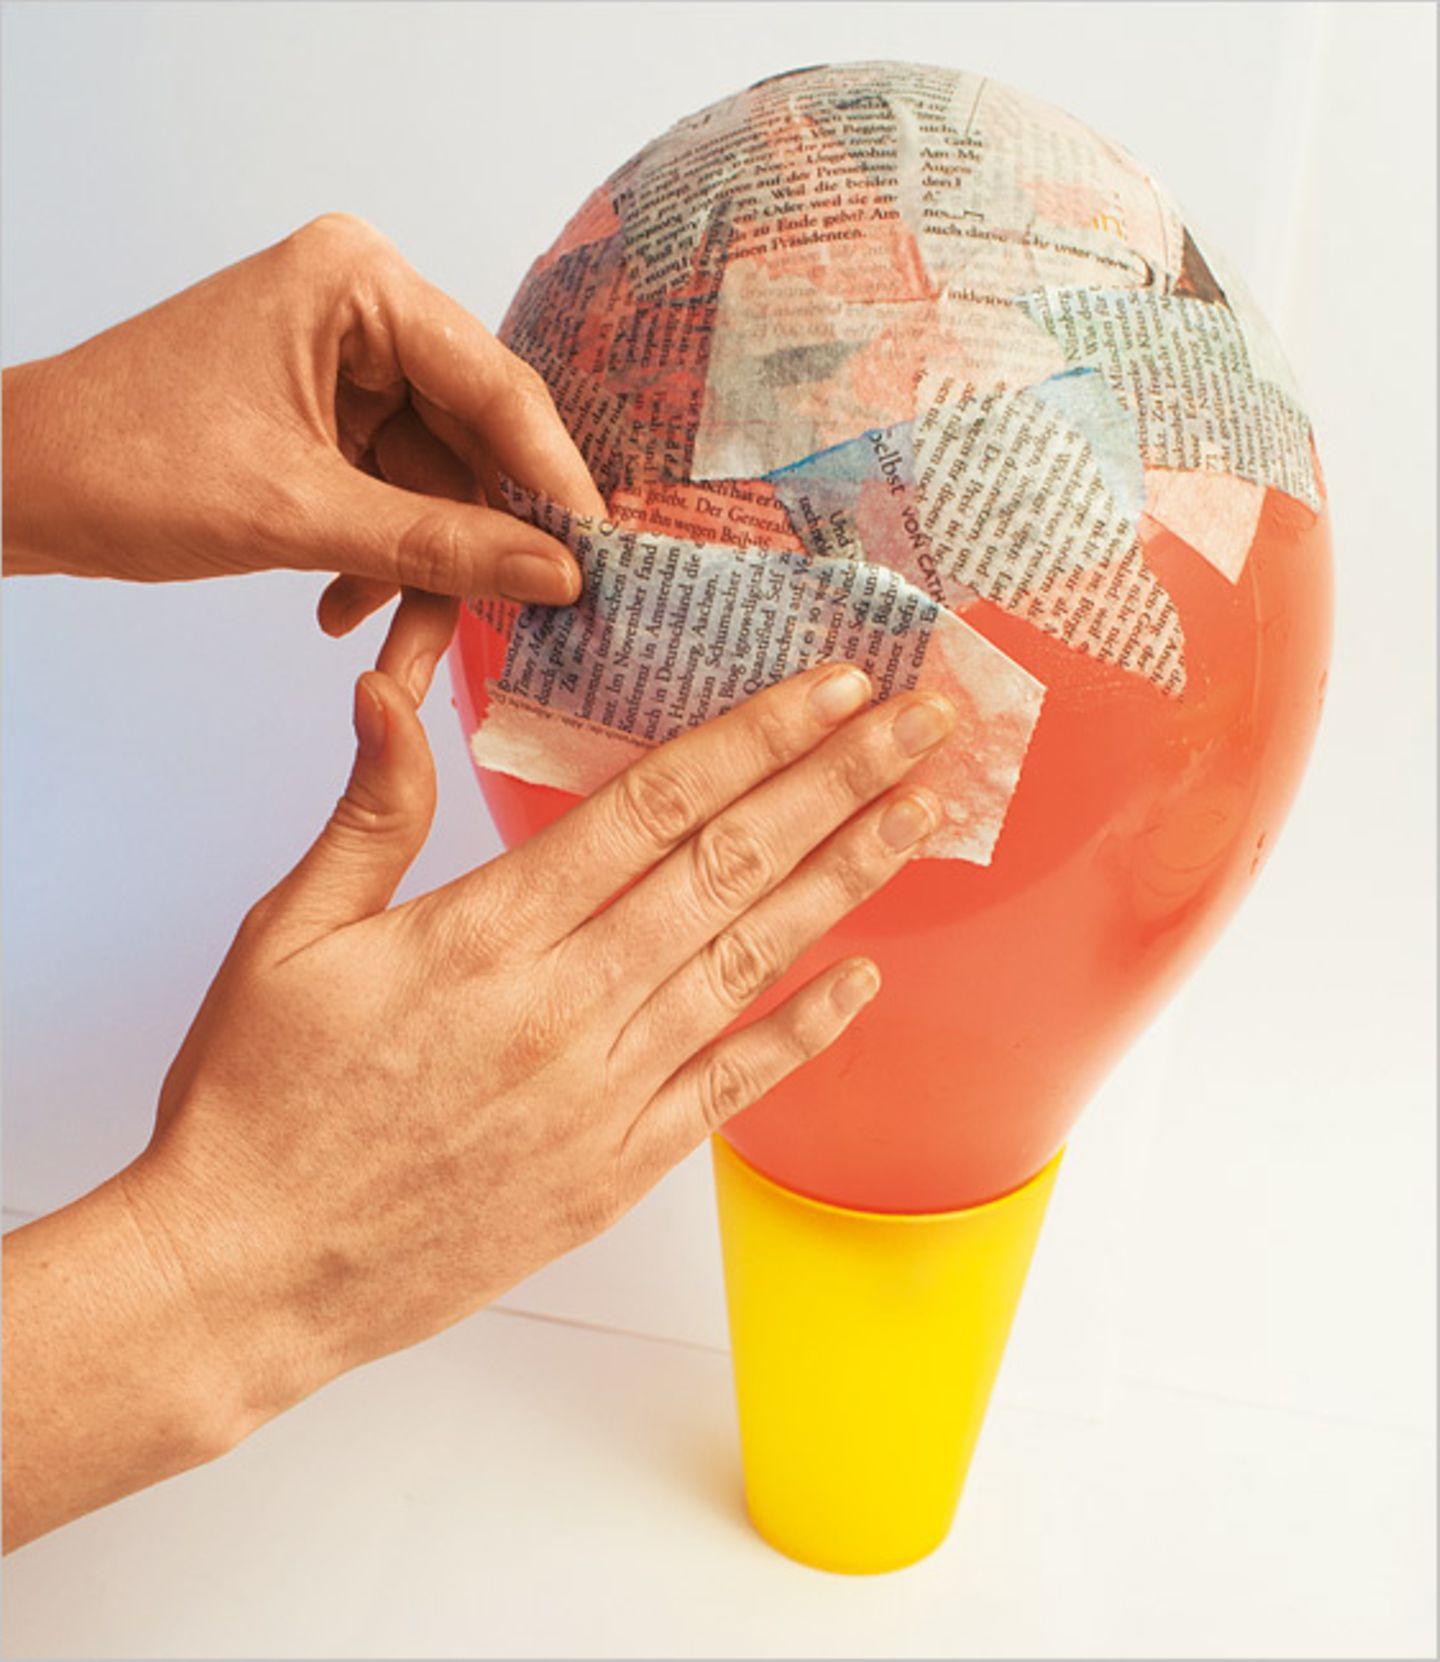 Basteln: Basteltipp: schlagfertige Piñatas - Bild 3